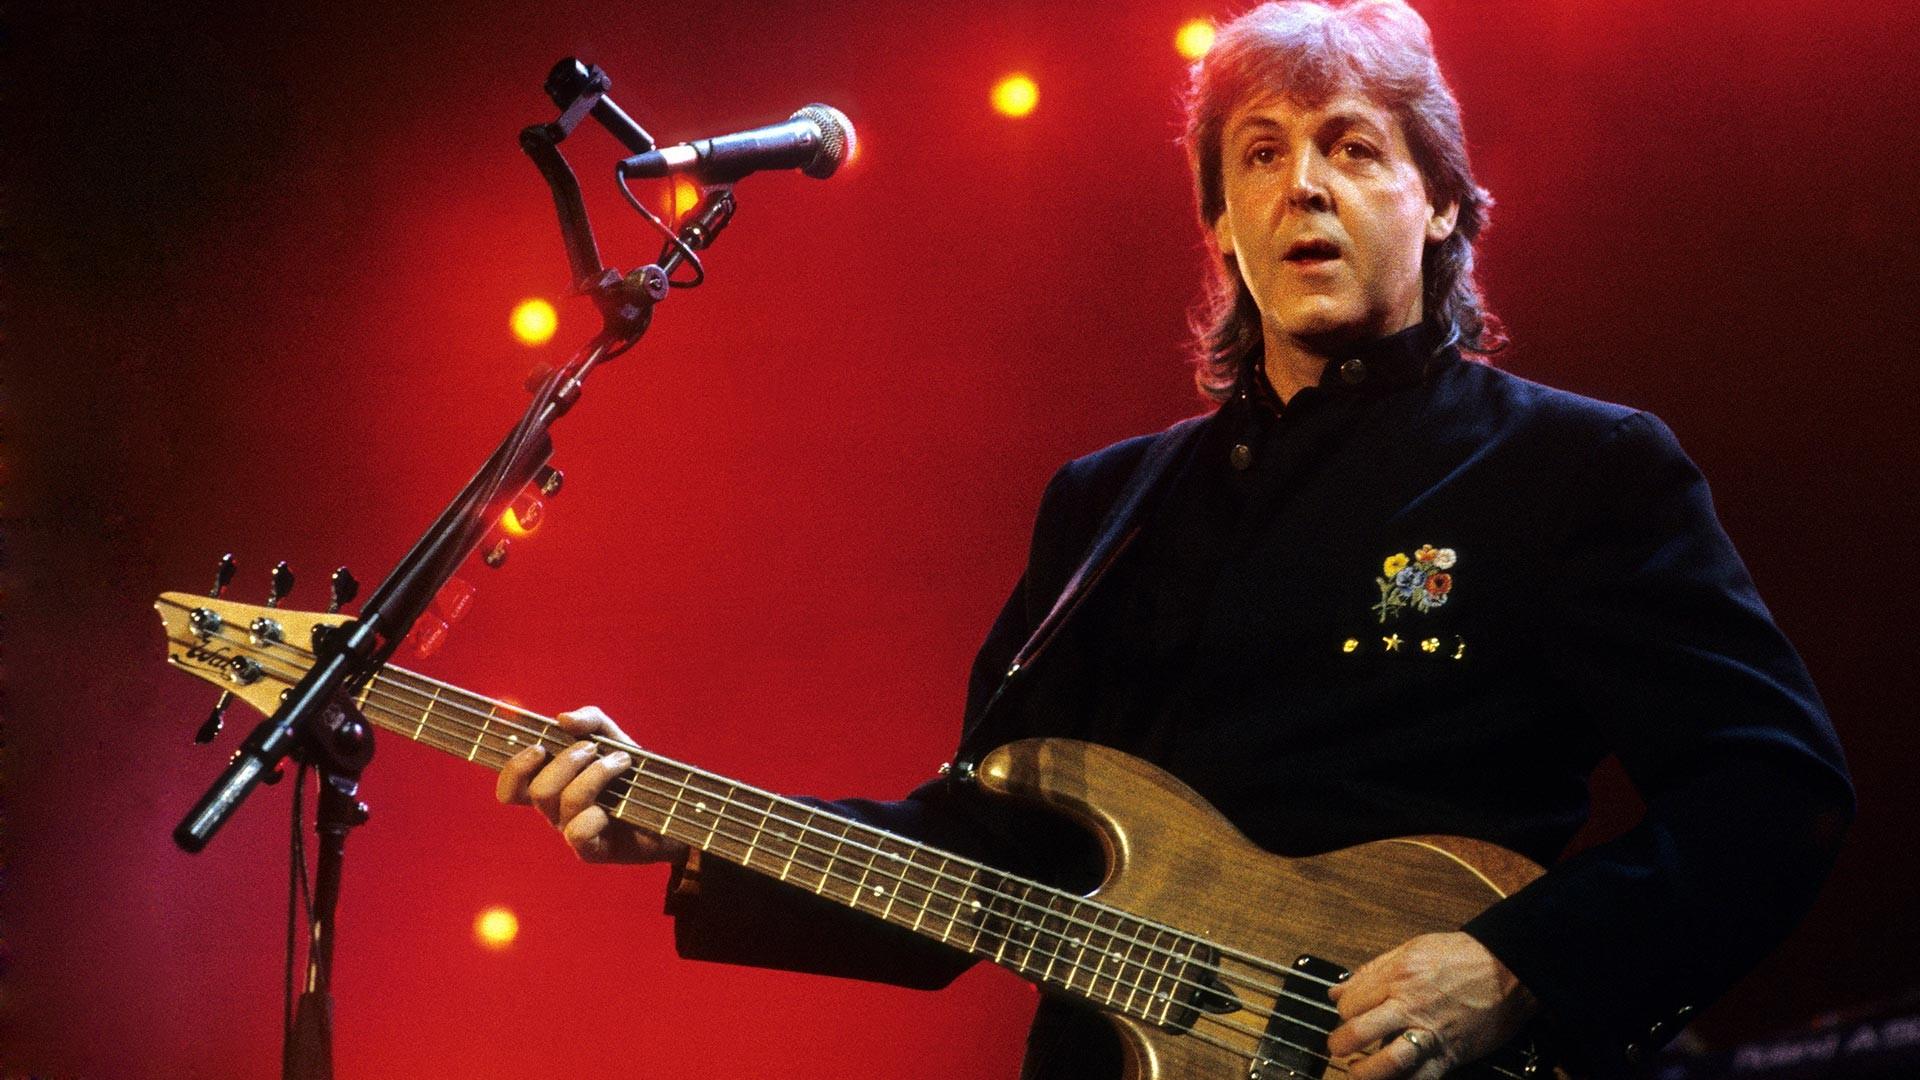 Paul McCartney in 1989